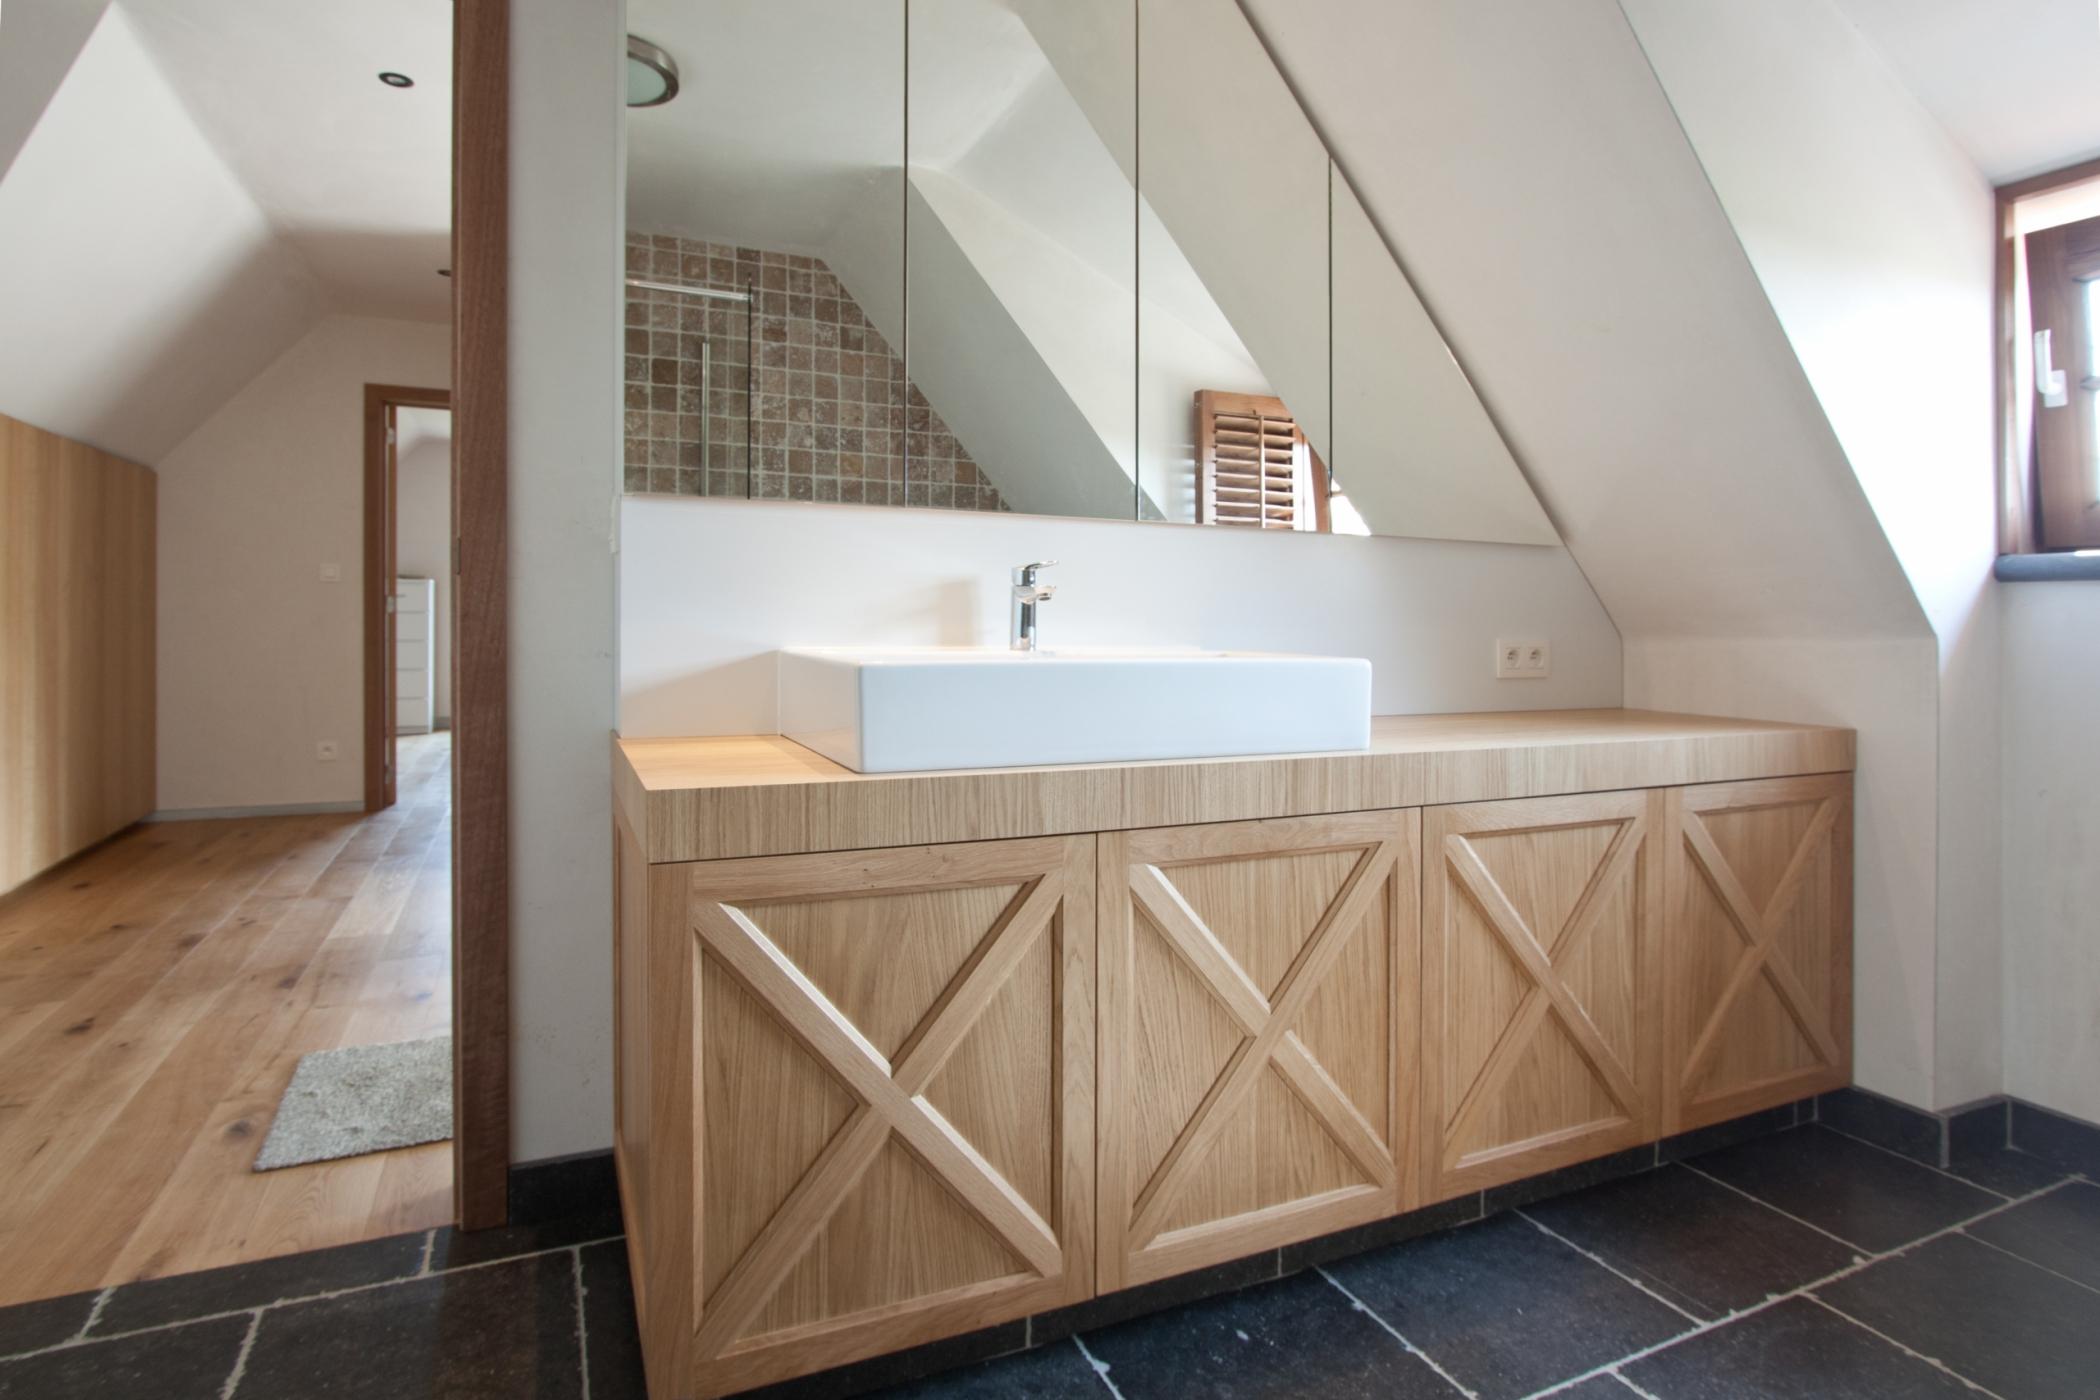 Landelijke badkamer alluur - Landelijke badkamer meubels ...